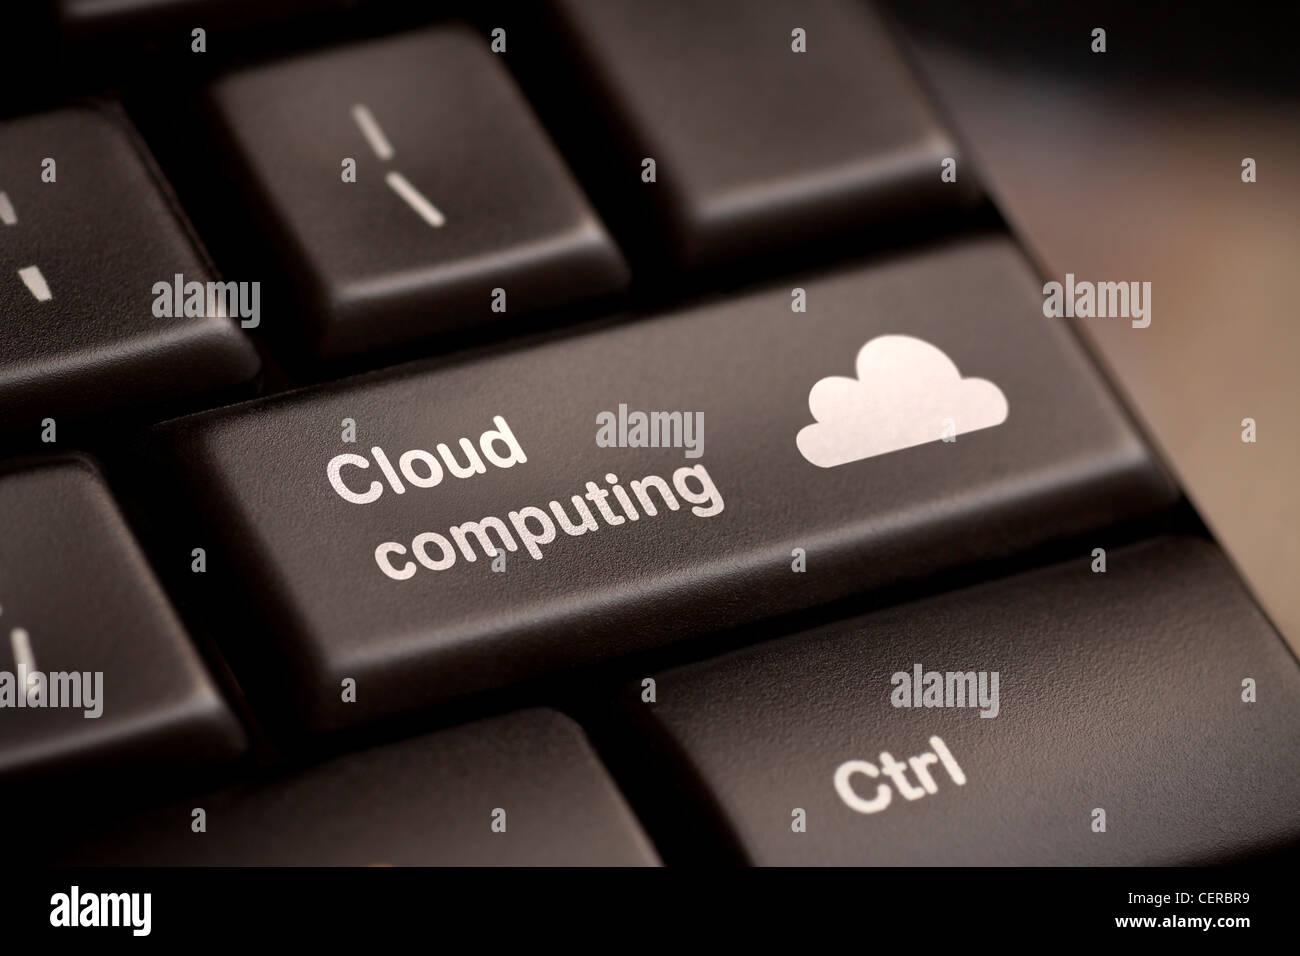 Concepto de cloud computing que muestra el icono de nube en el equipo clave. Imagen De Stock